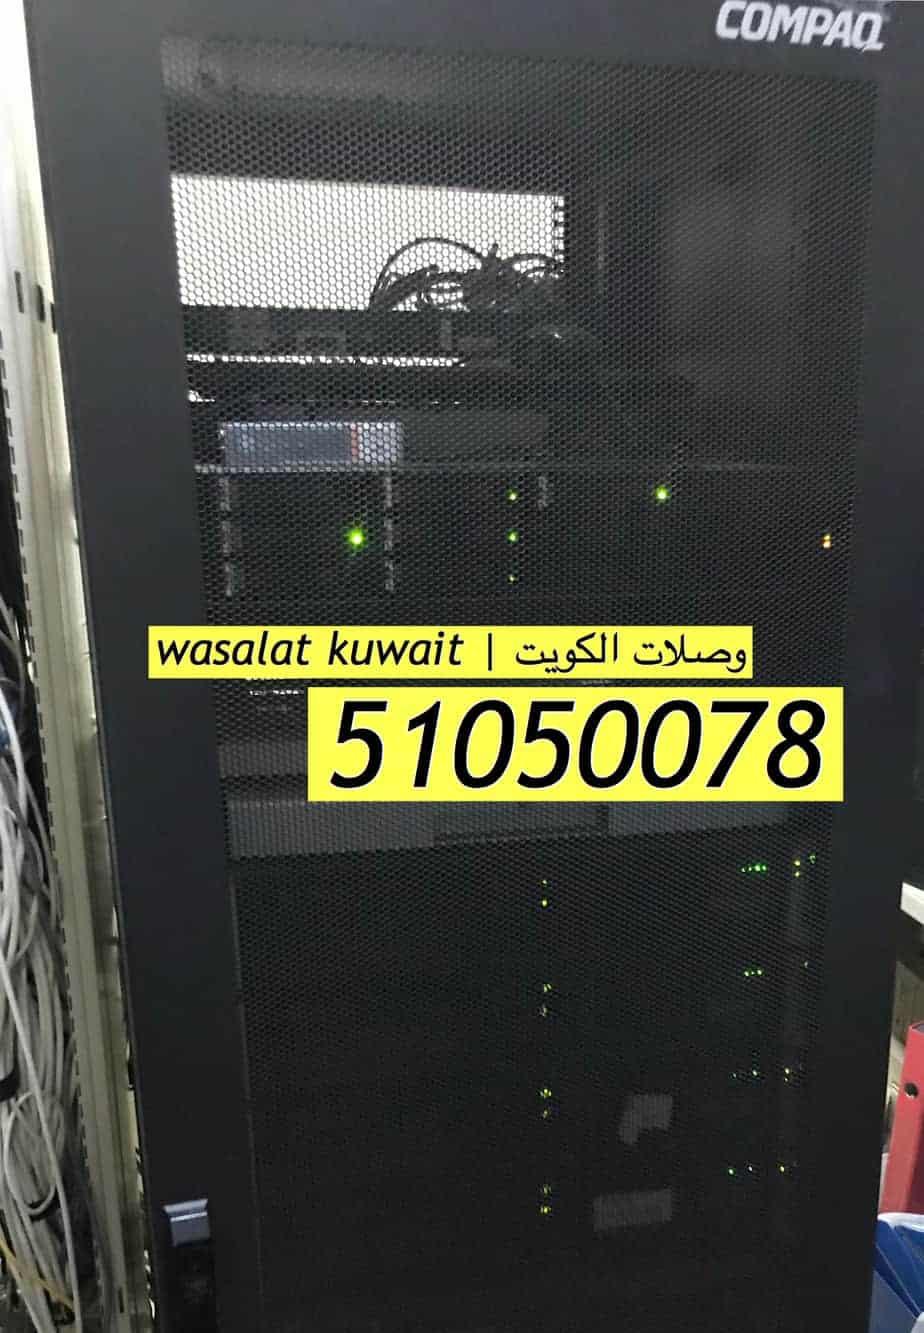 فني انترنت الكويت 51050078   فني برمجة و تركيب شبكات الانترنت   مقوي شبكة وايرلس   راوتر واي فاي فايف جي